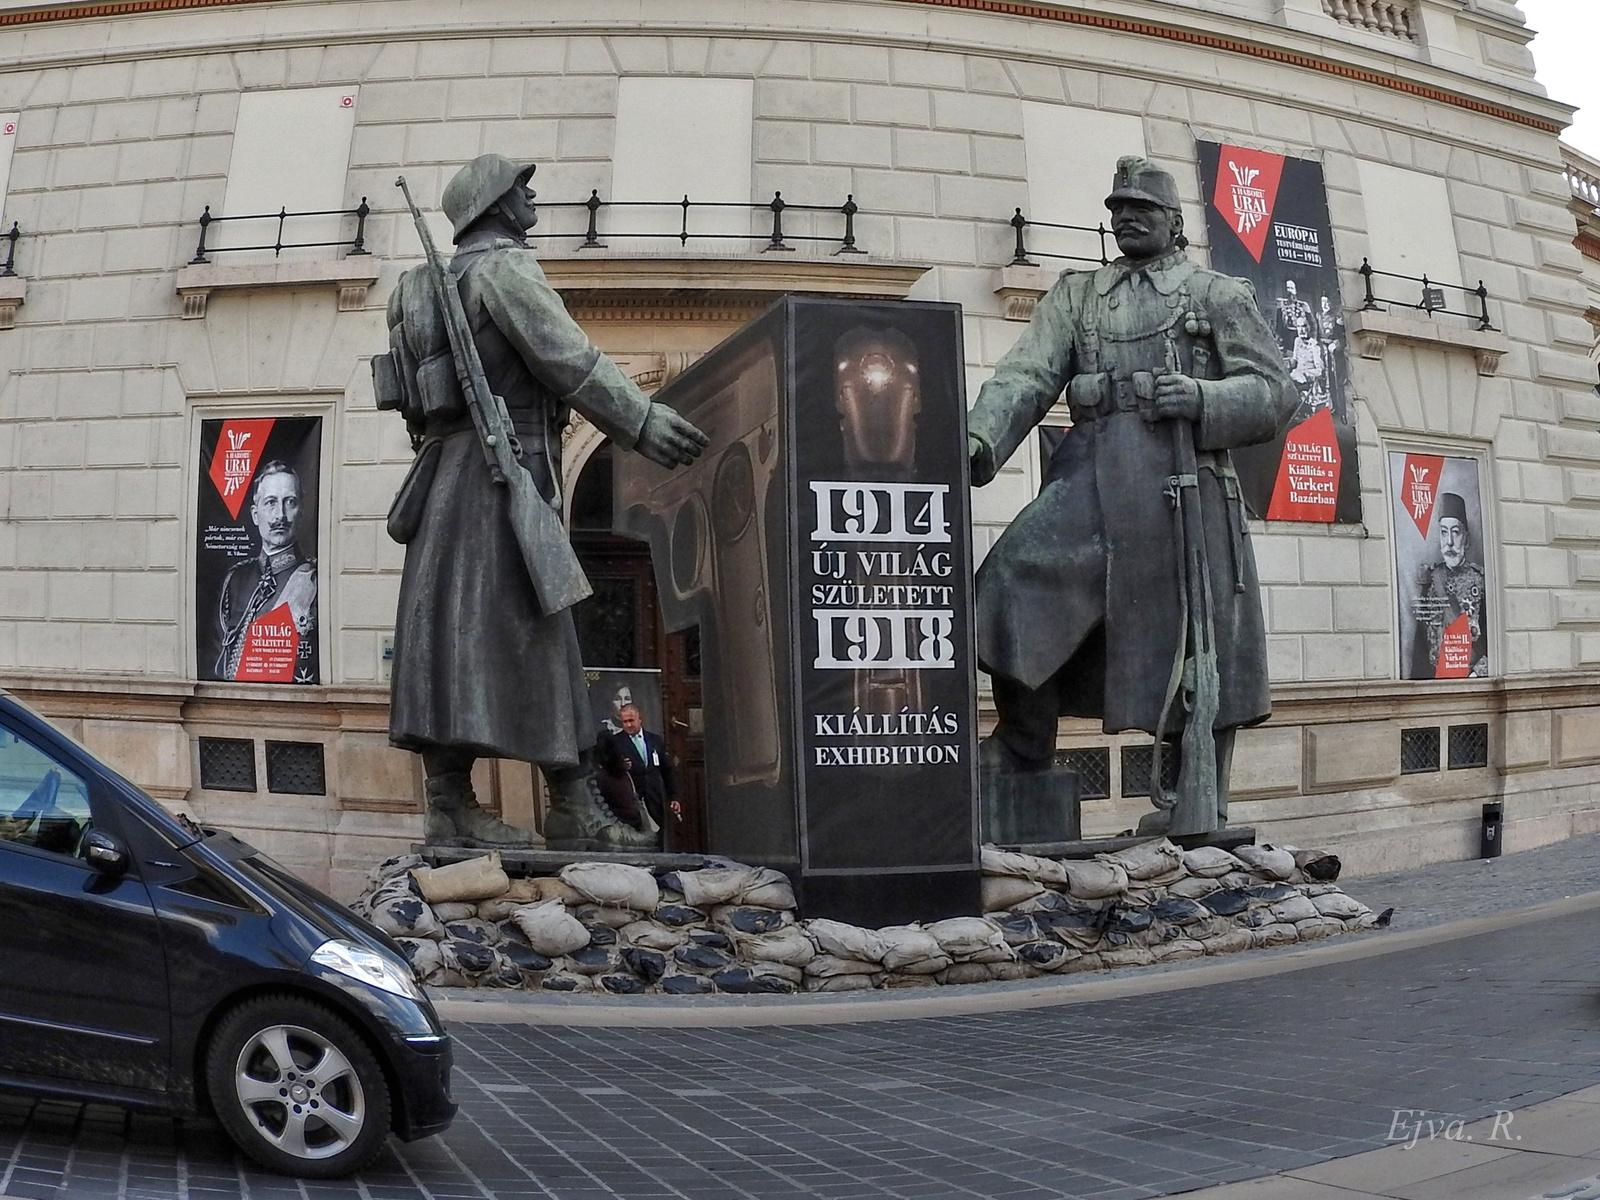 Kiállítás bejárata